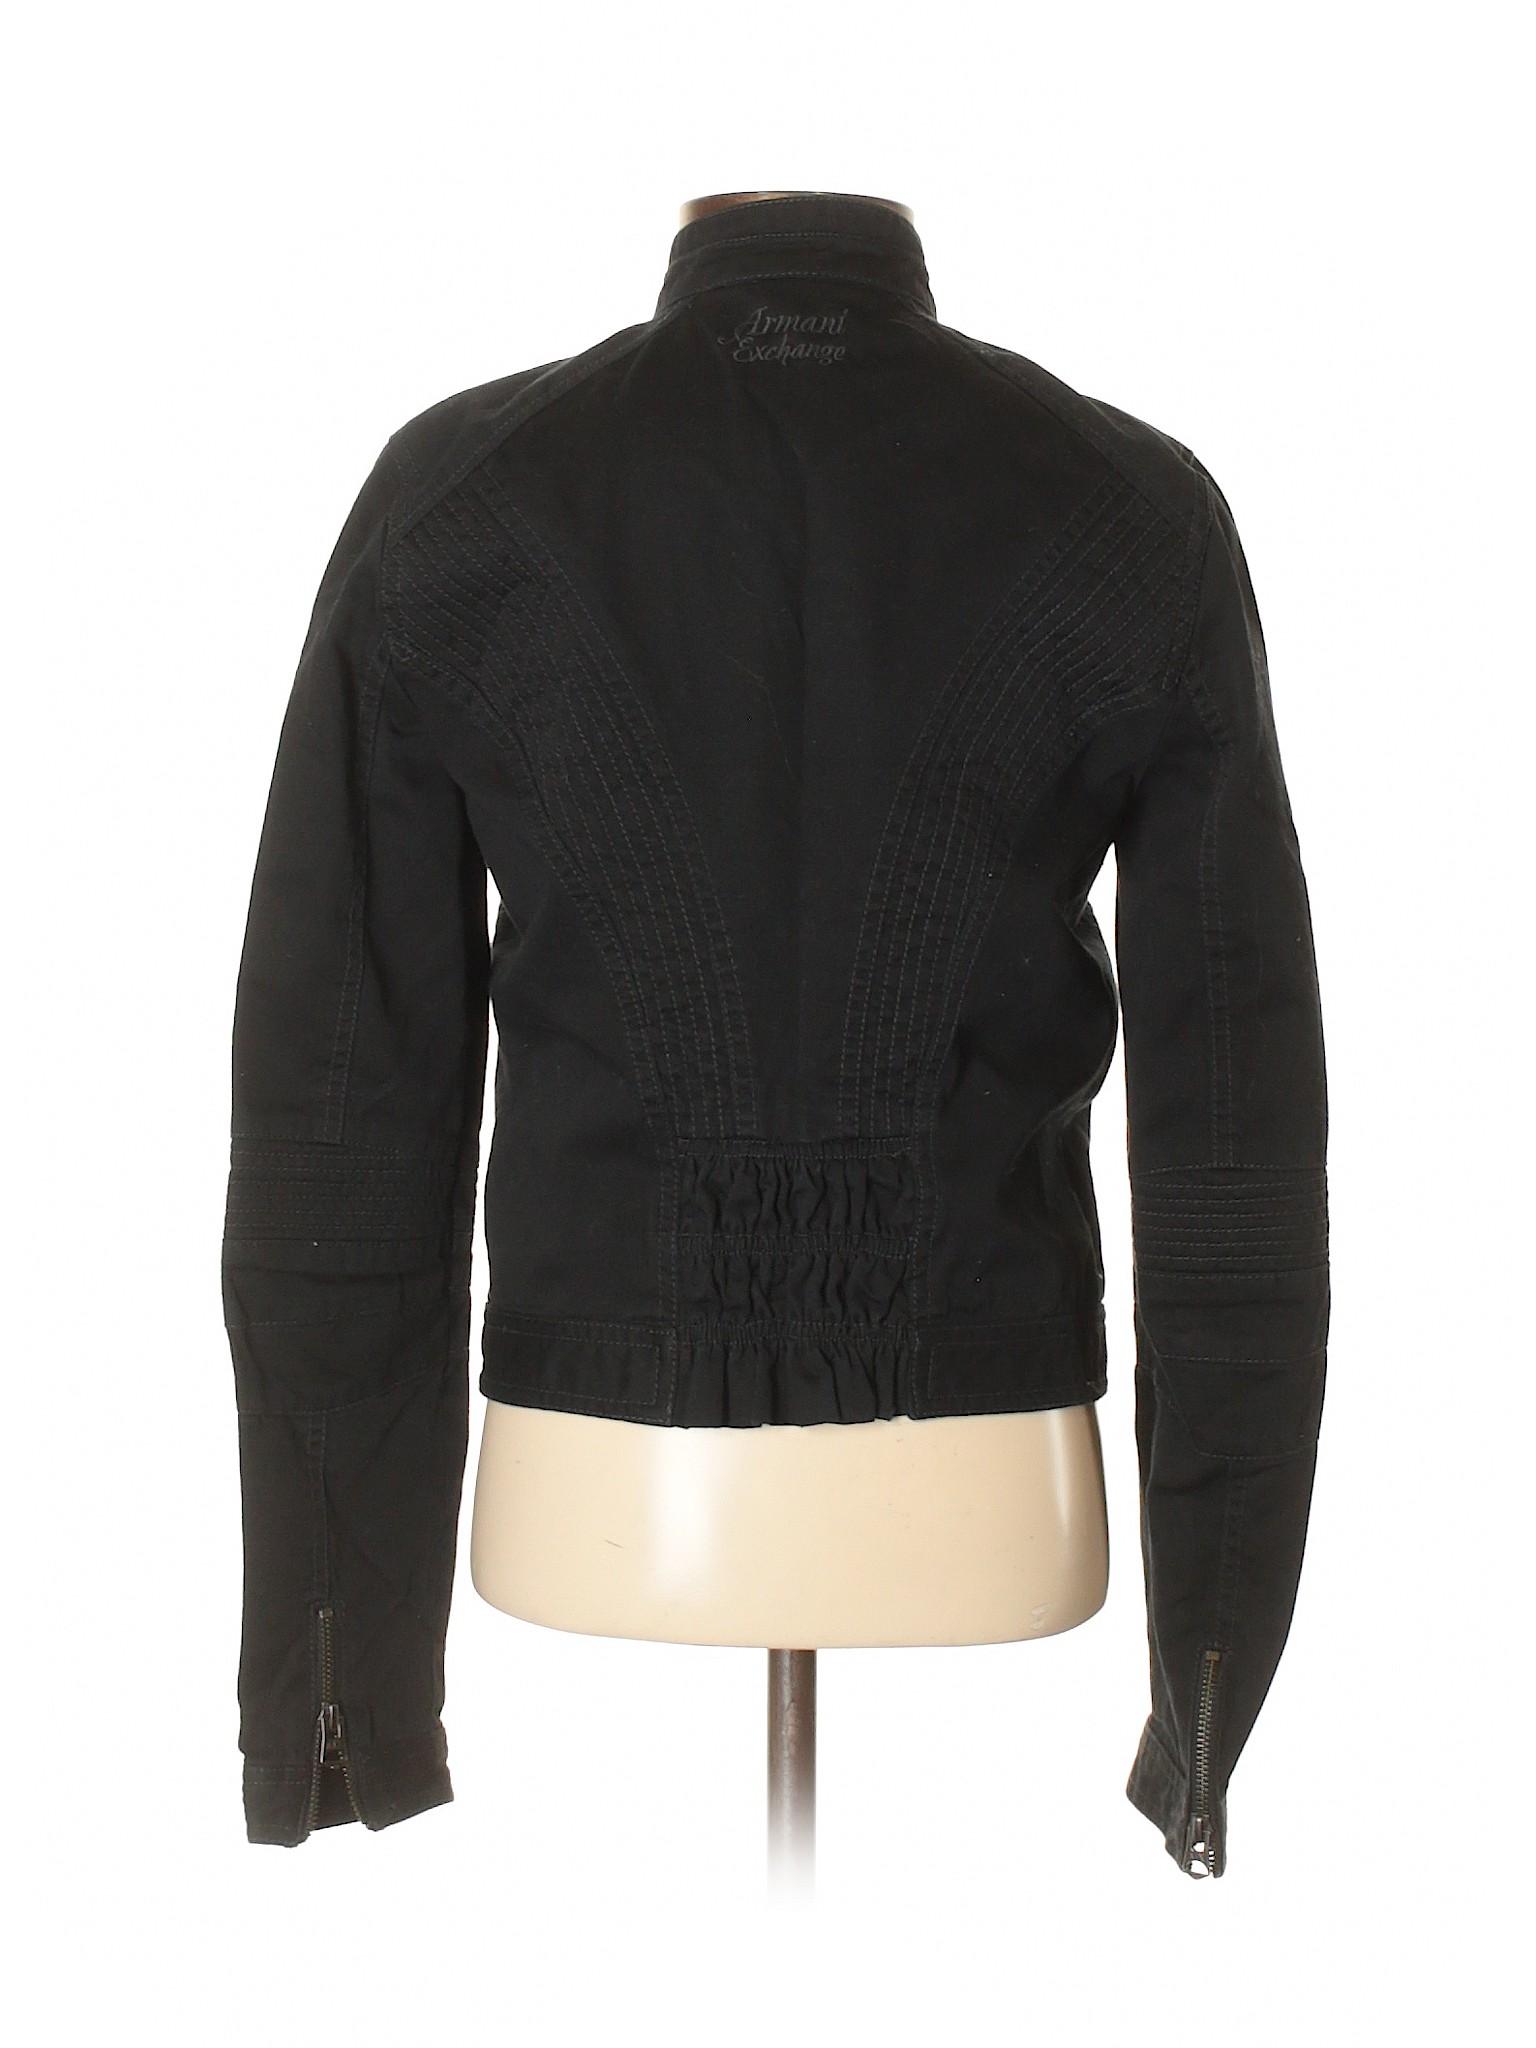 Armani Leisure Exchange winter Jacket Leisure winter gdxftcYgqw